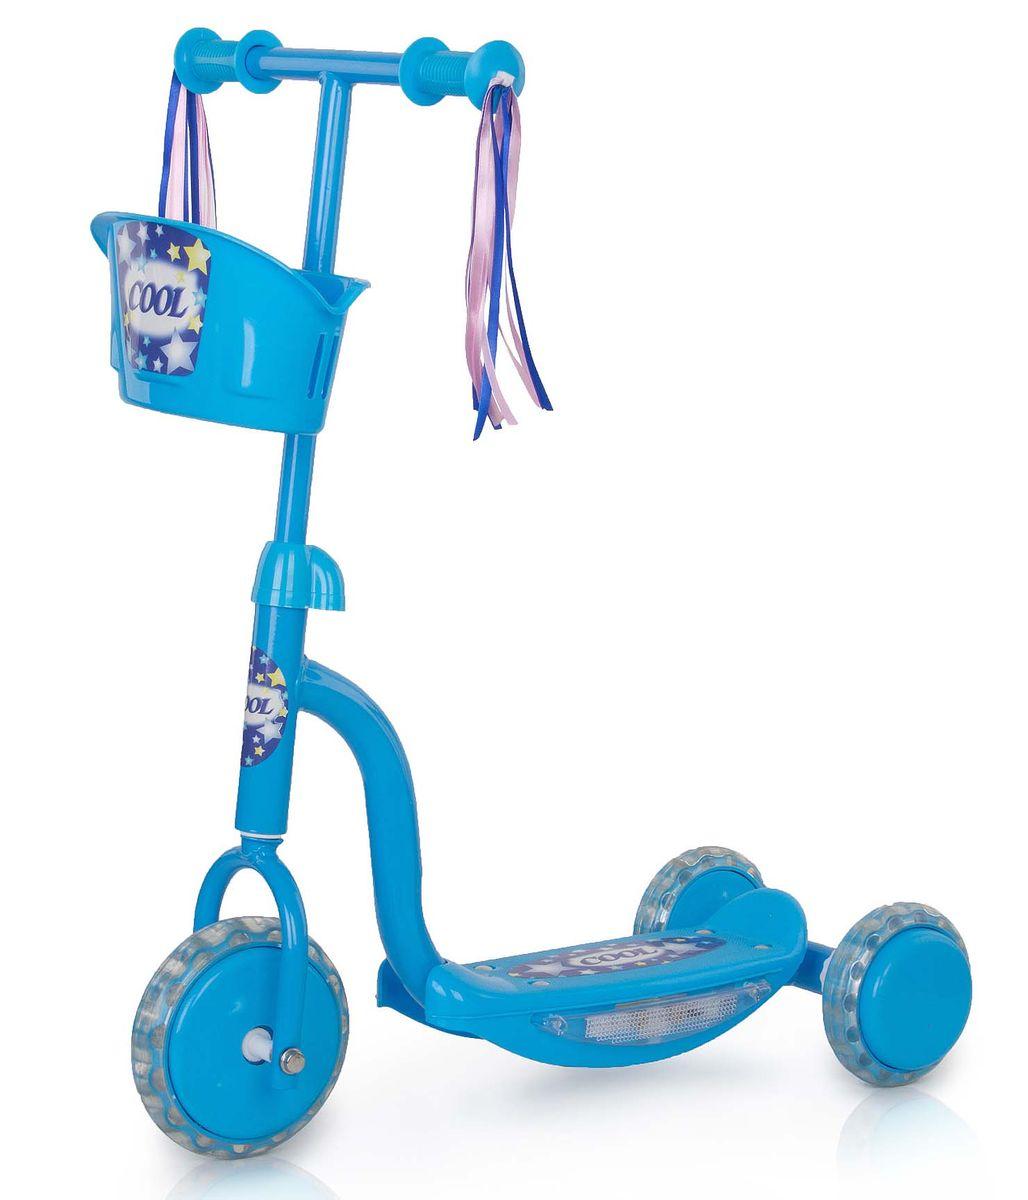 Самокат трехколесный Larsen Cool, цвет: голубой242631Самокат трехколесный Larsen Cool выполнен из высококачественных материалов, стальная основа делает его очень долговечным, а пластиковые детали - безопасным. Колеса из поливинилхлорида хорошо смягчают неровности дорог. В качестве дополнительного аксессуара к рулю самоката прикреплена небольшая корзинка для игрушек. Подсветка на раме.